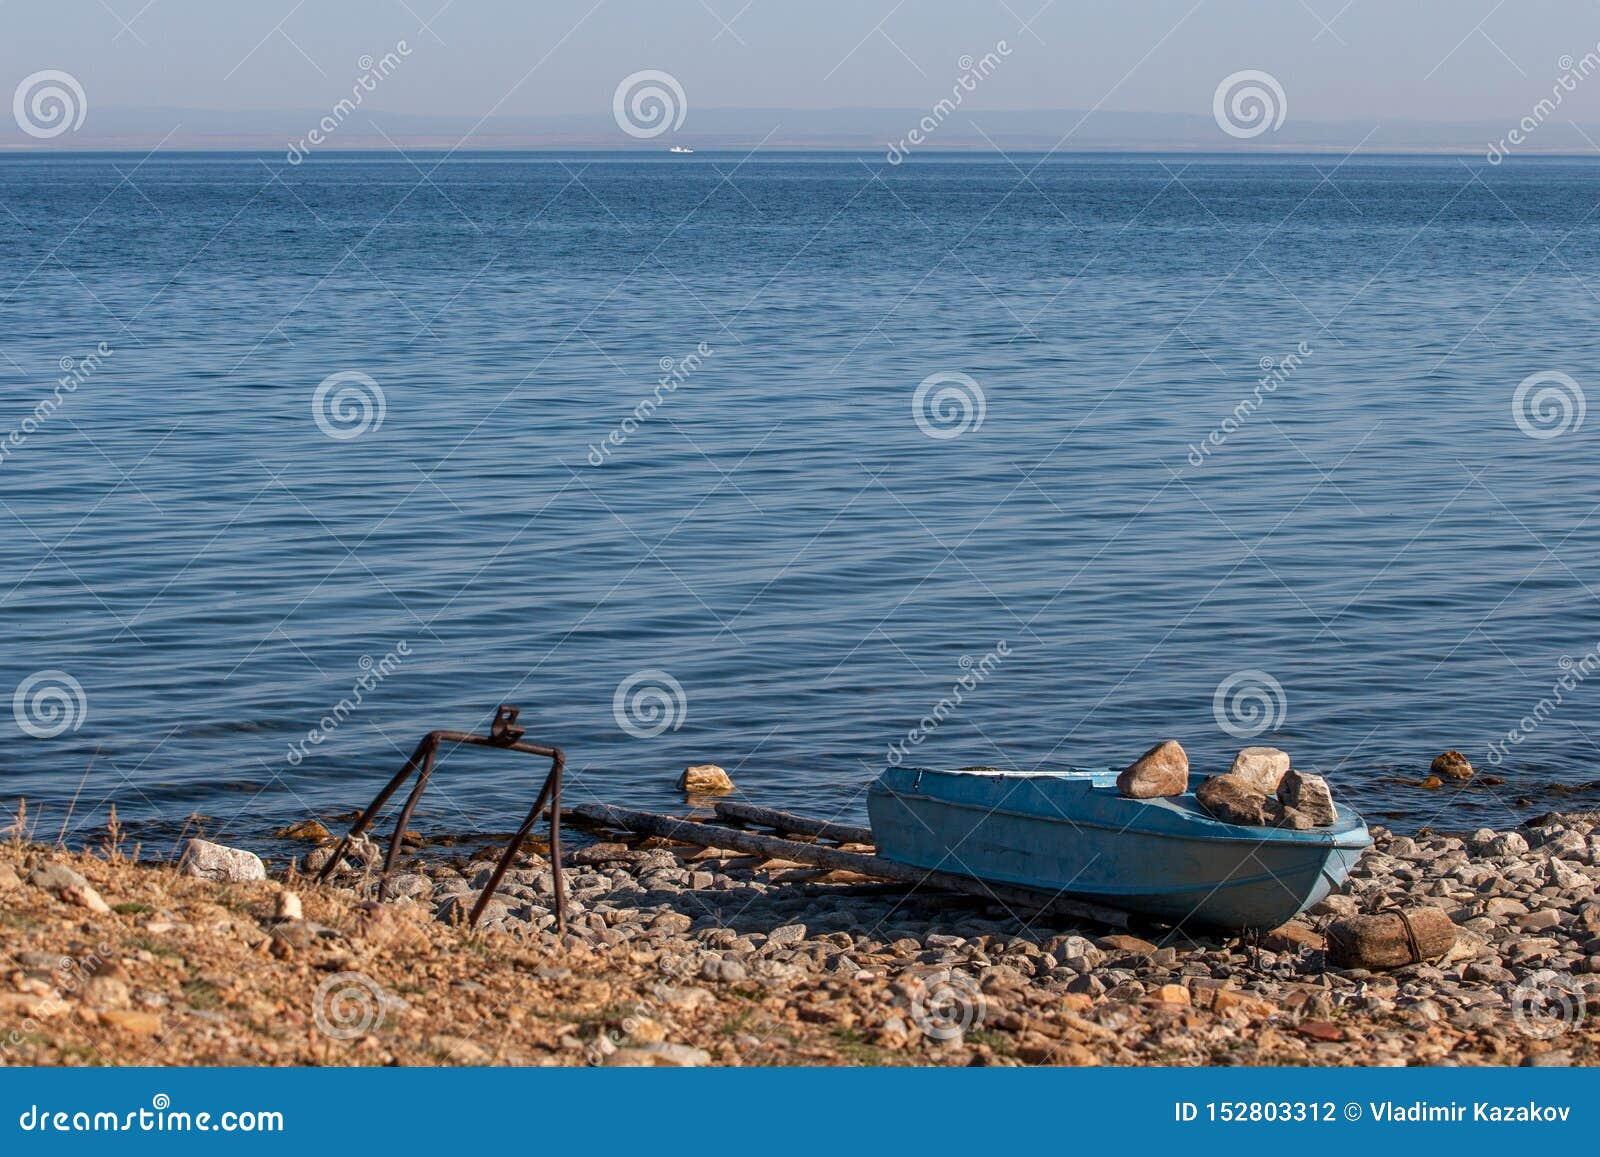 Stara żelazna łódź rybacka na brzeg błękitny Jeziorny Baikal Naciskający puszek wielkimi kamieniami